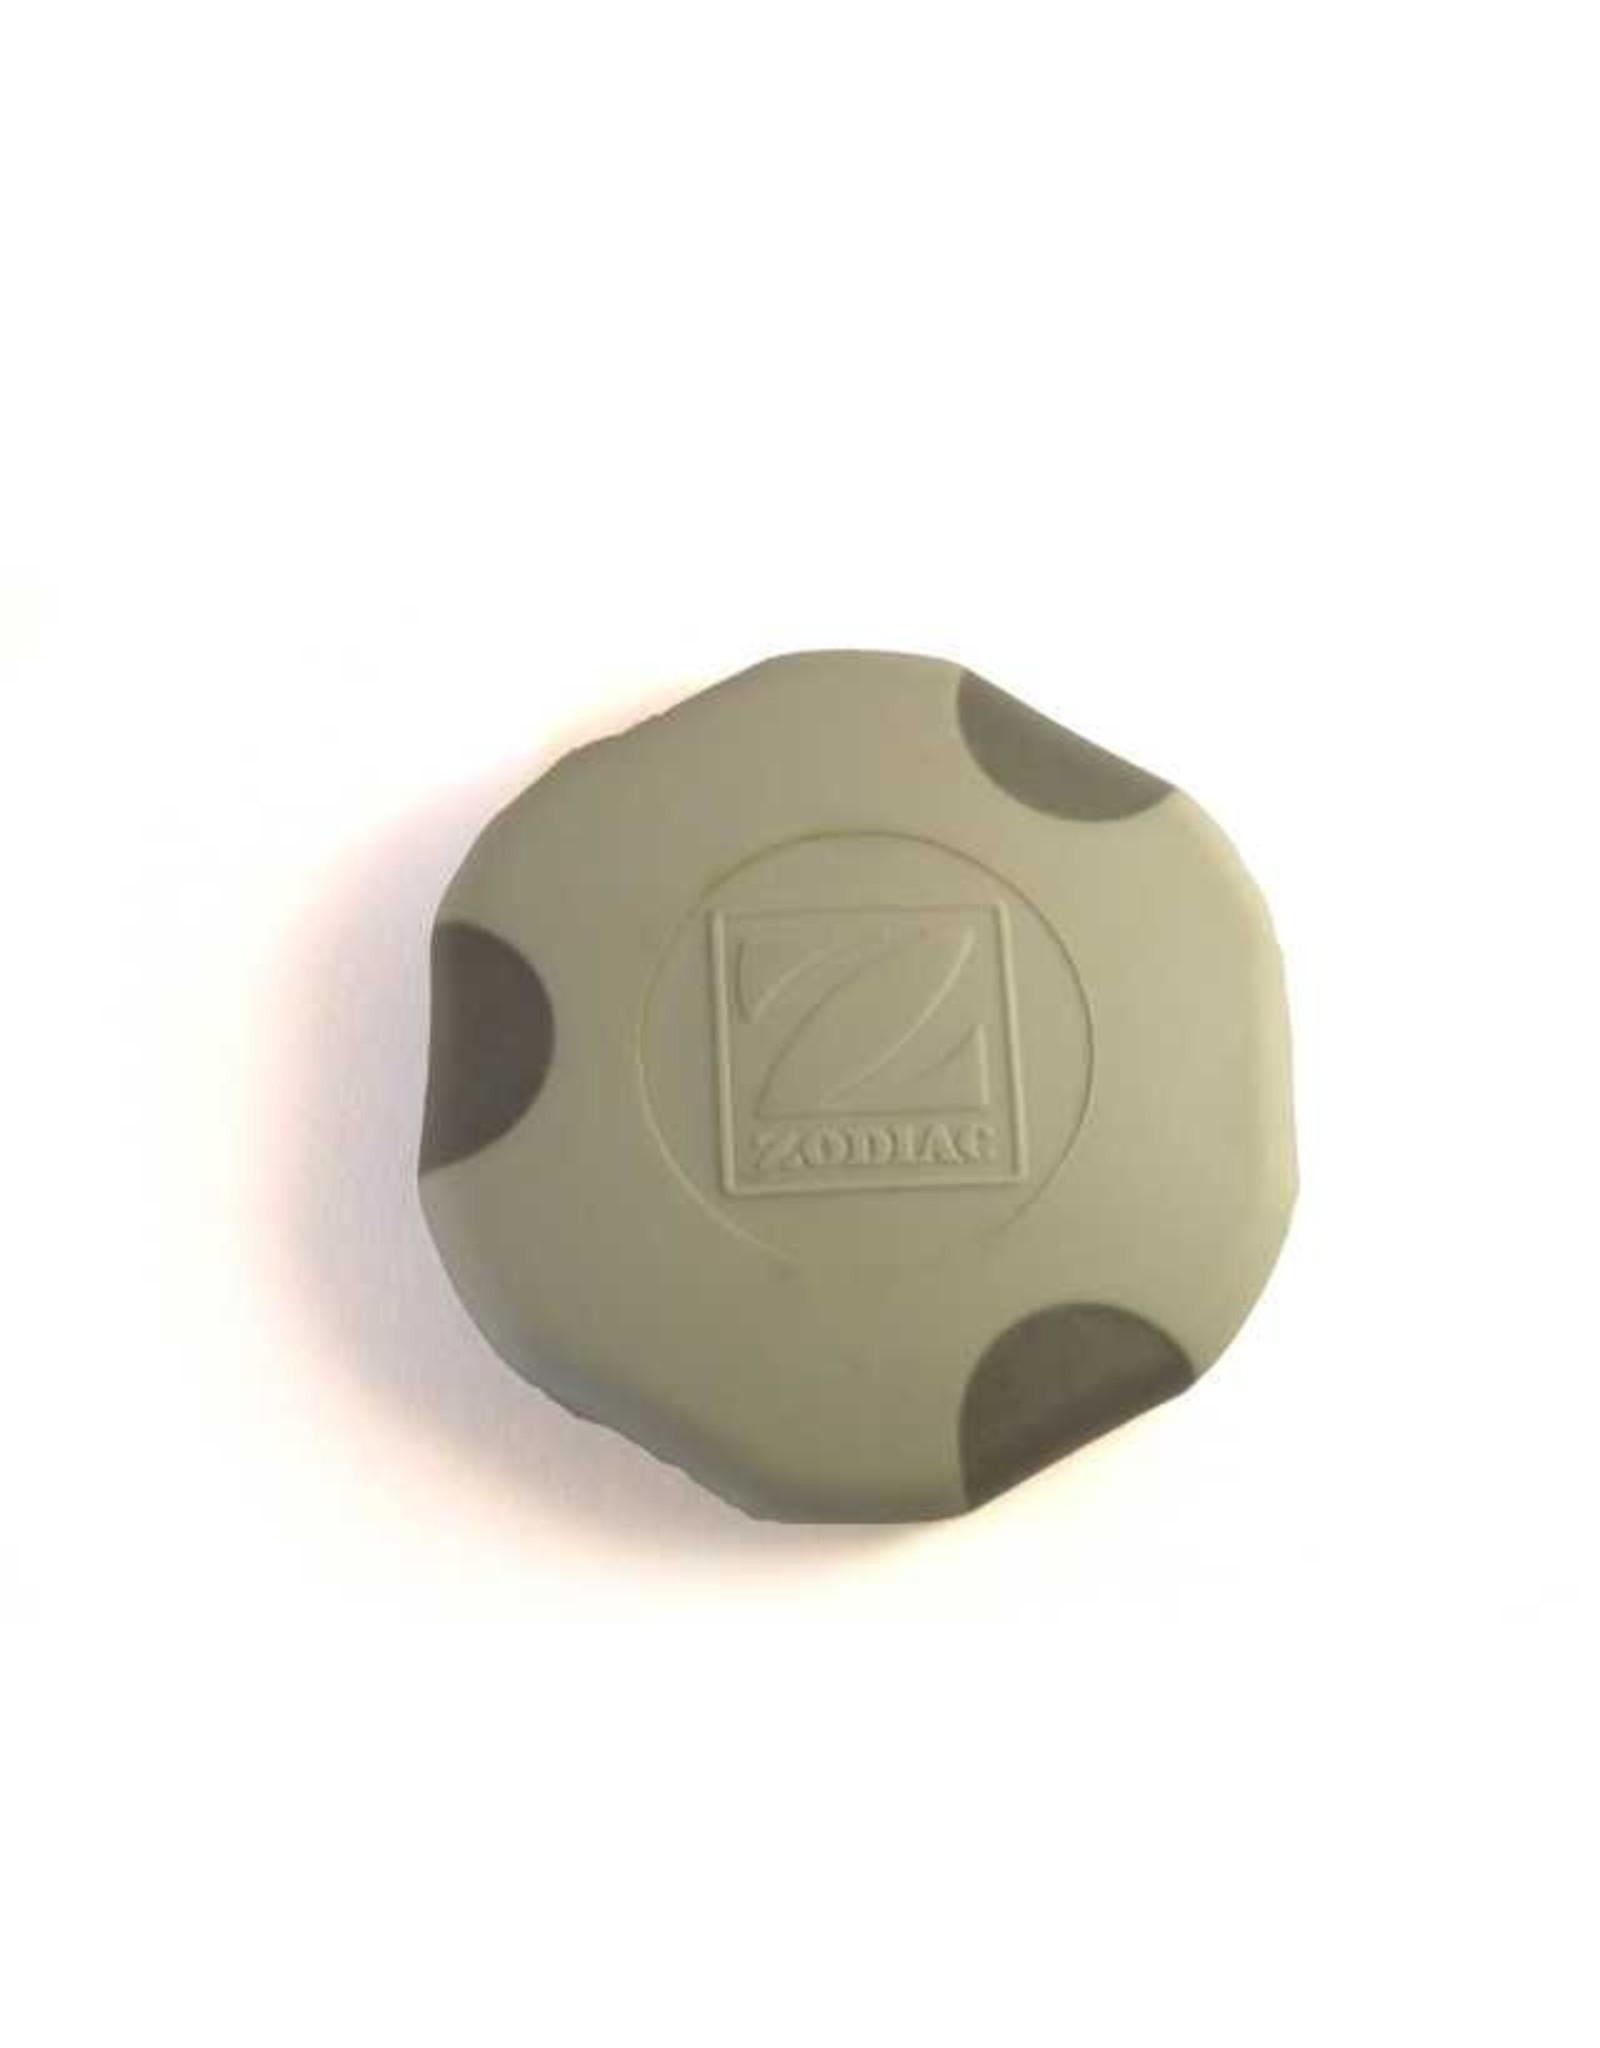 Zodiac Zodiac ventiel dop (na 2009) in Grijs en Zwart